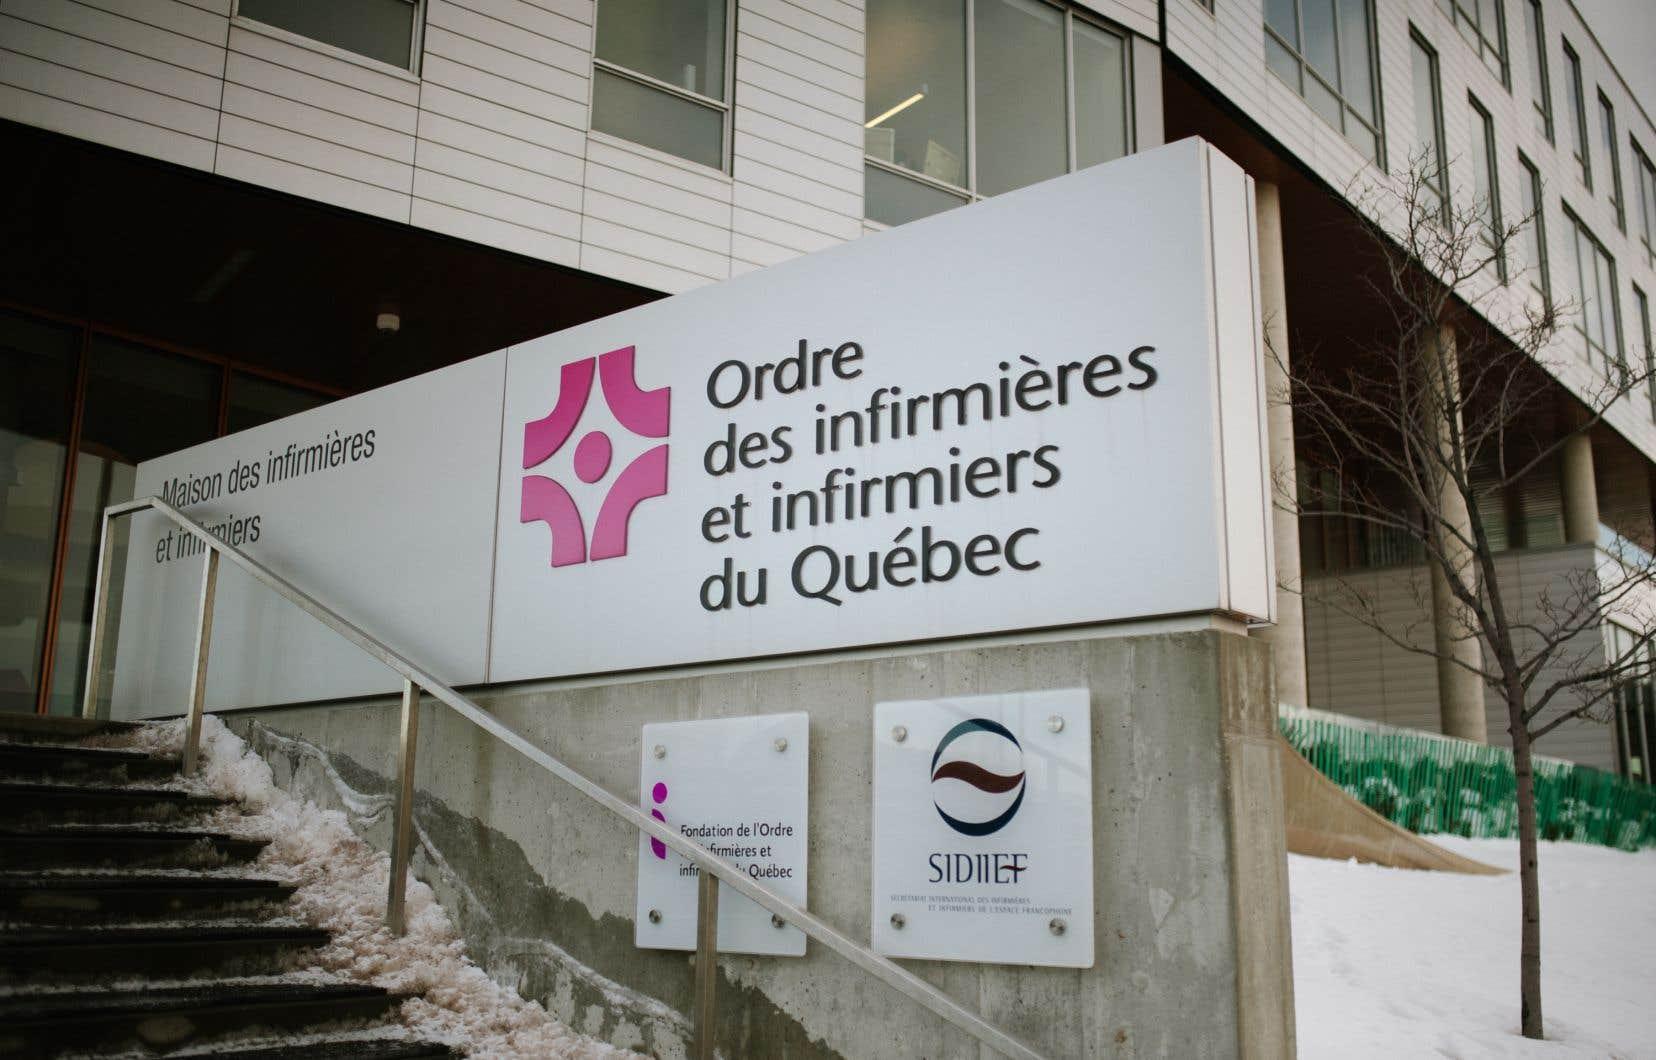 L'Ordre des infirmières et infirmiersdu Québec assureque «les vérifications d'usage» seront faites.